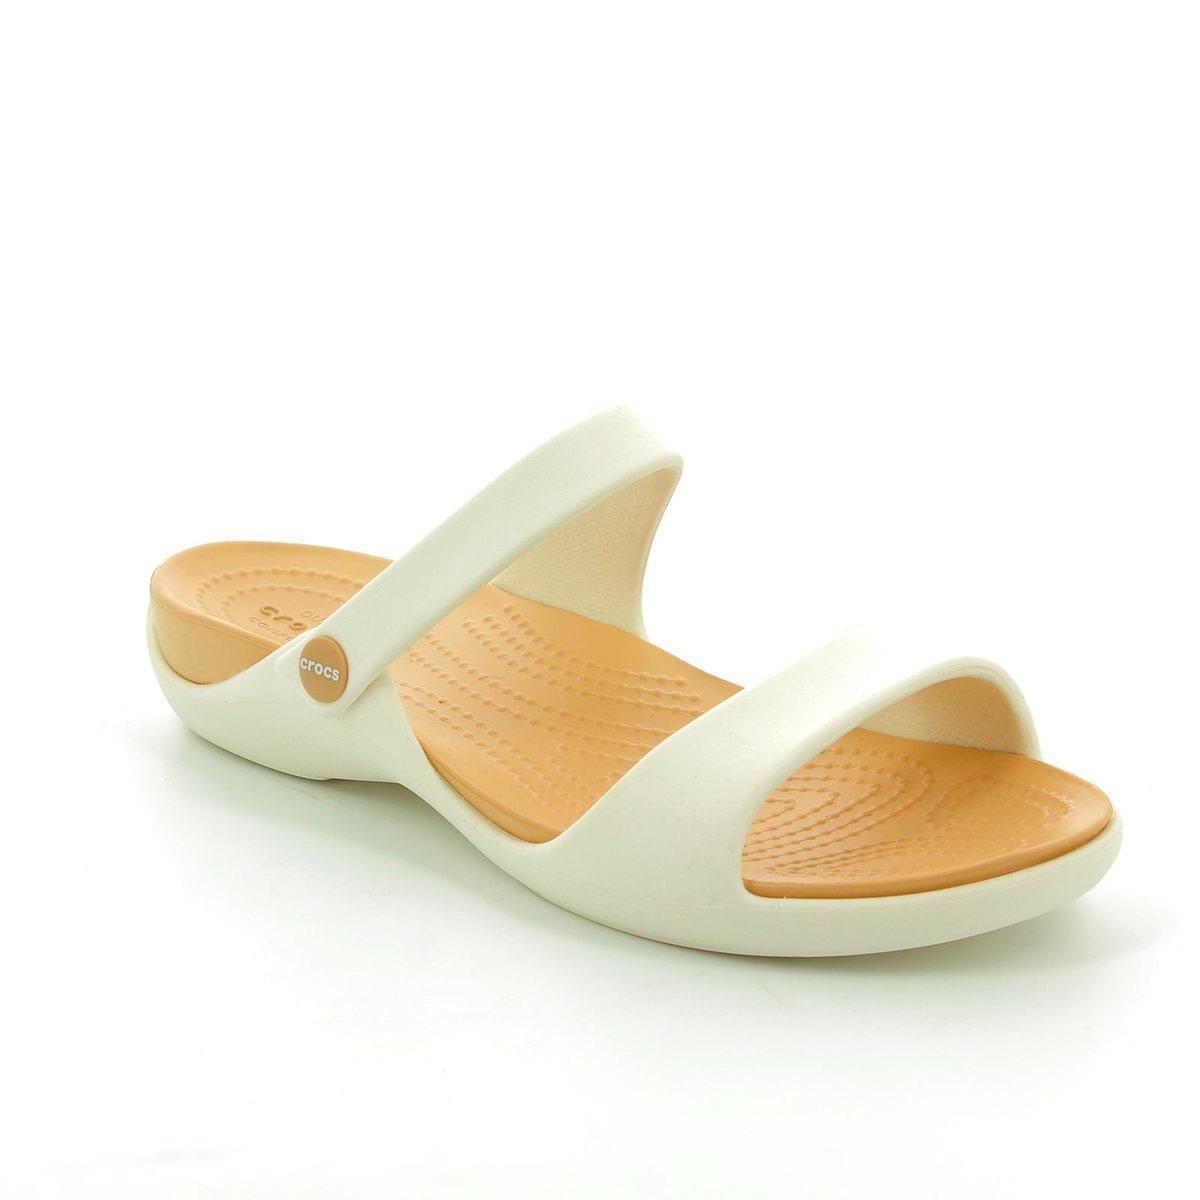 wiele kolorów 50% zniżki strona internetowa ze zniżką 204268/13s Cleo V at Begg Shoes & Bags